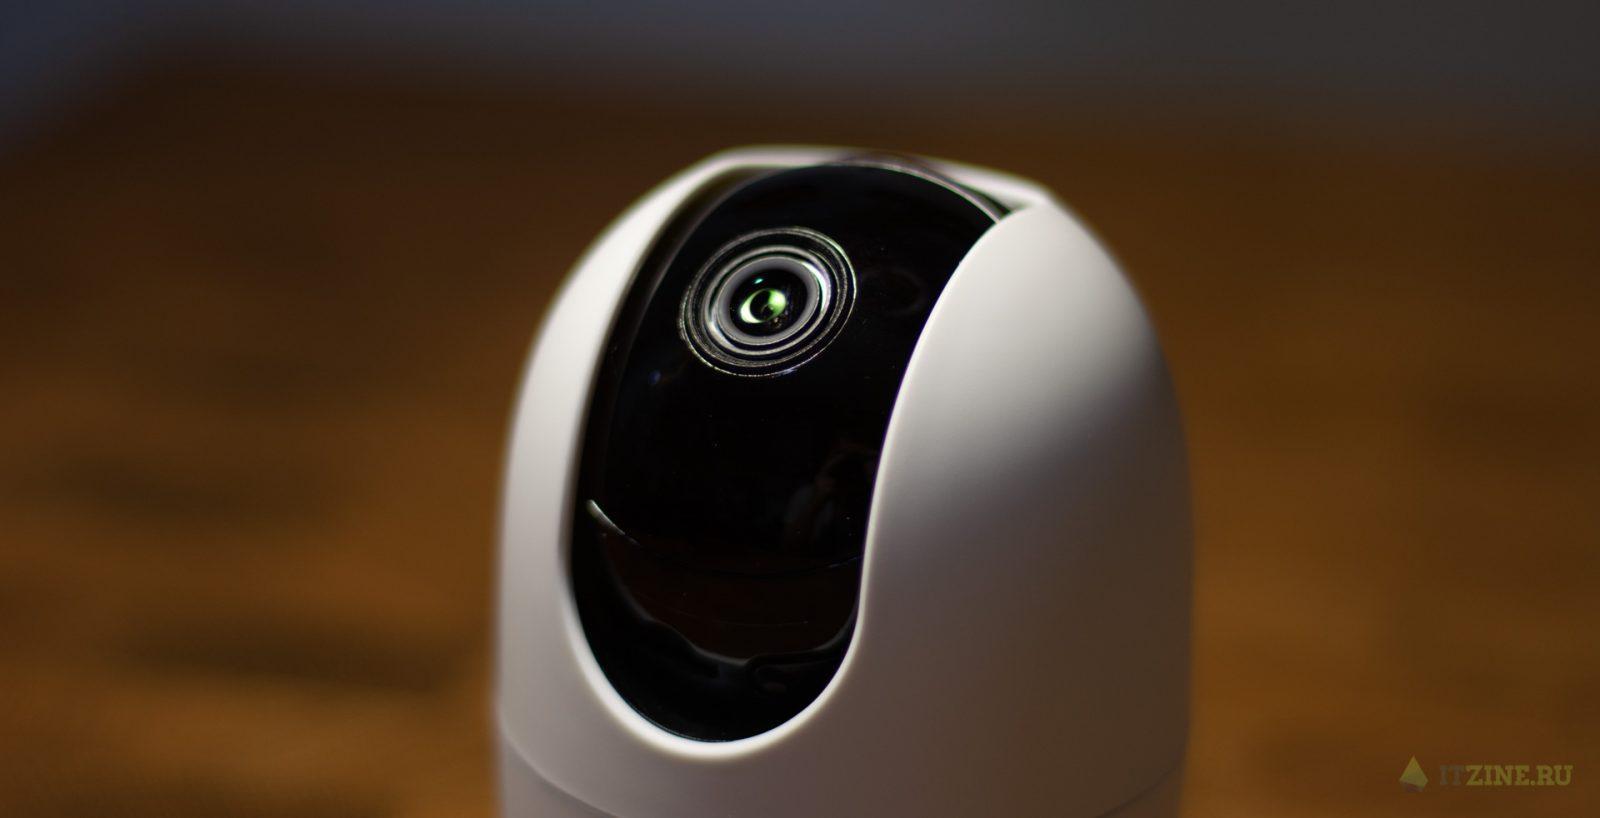 Обзор камеры IMOU Ranger 2. Дом под присмотром (Imou Ranger2 12 1)